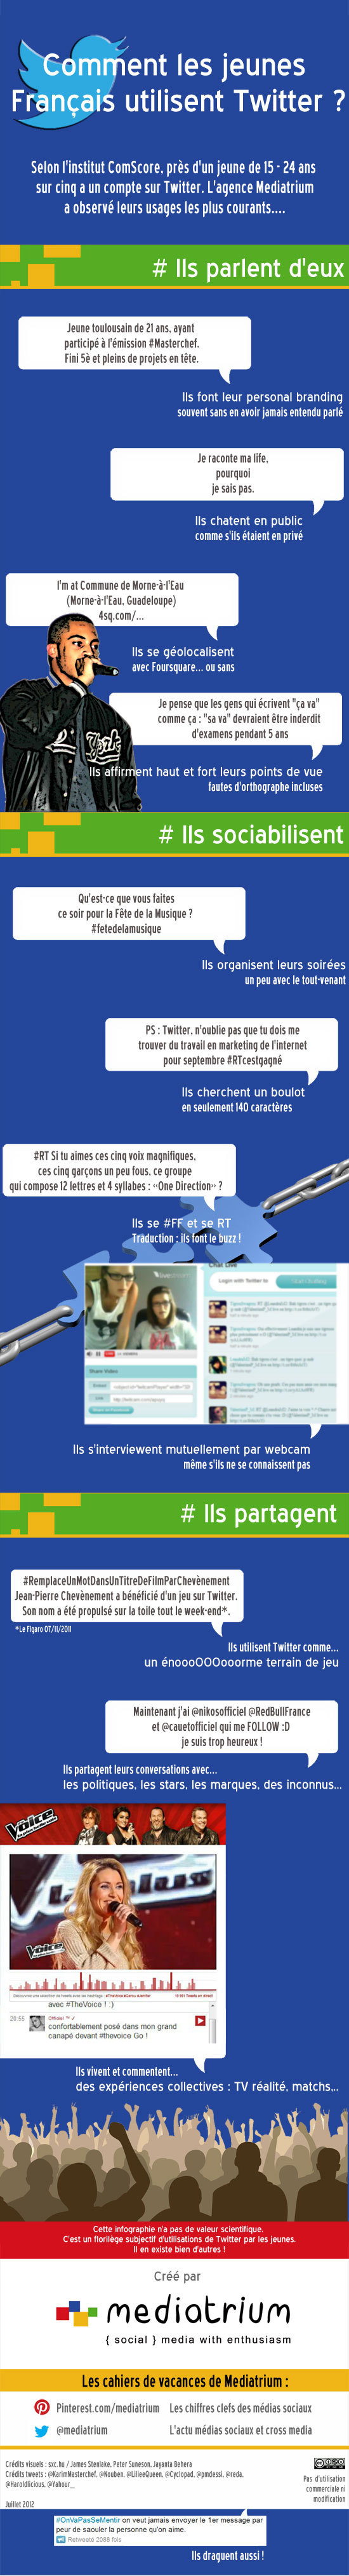 Les jeunes français et Twitter en 1 image